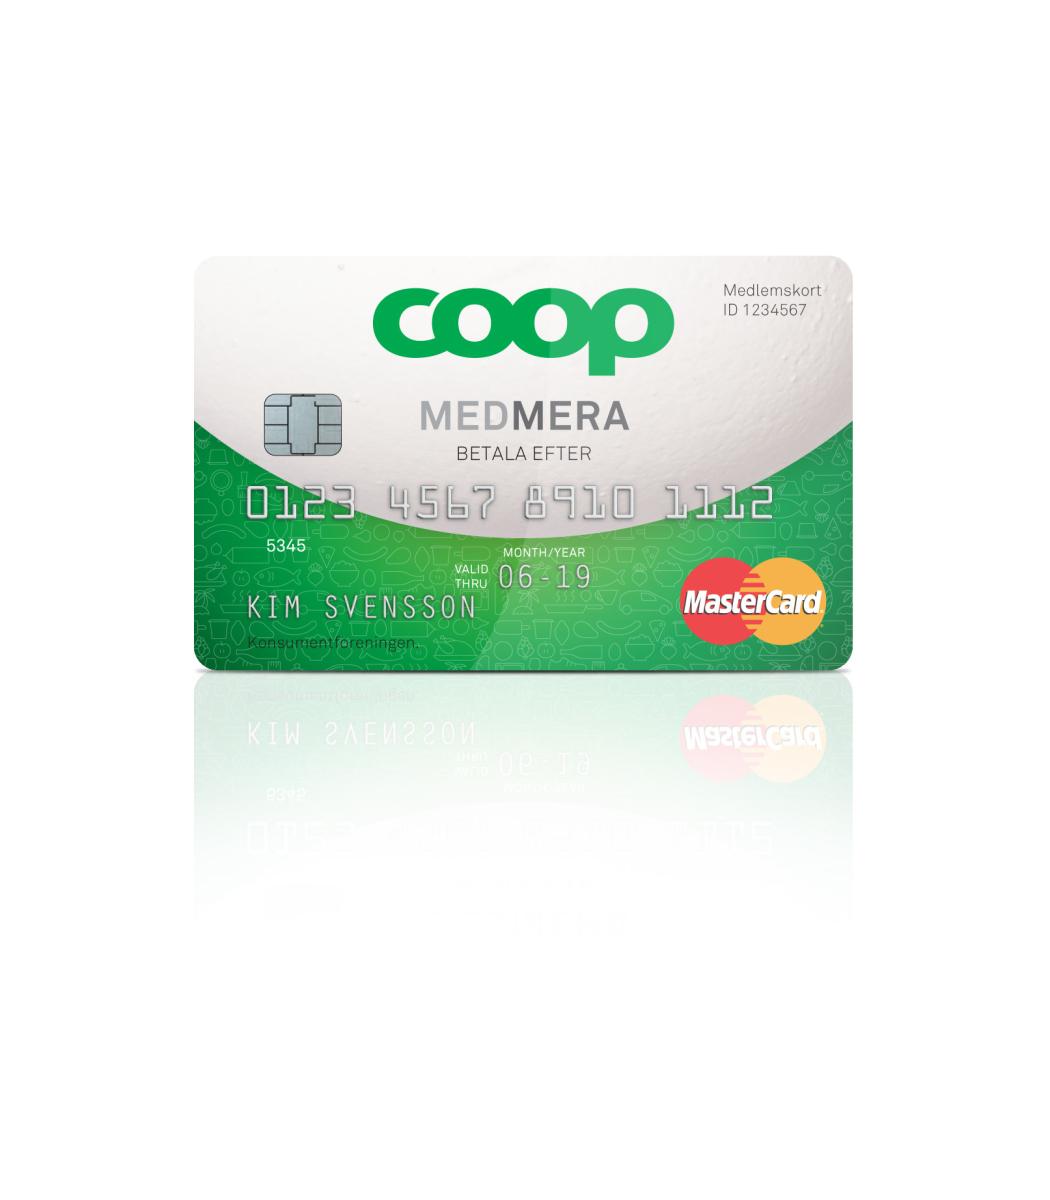 Coop MedMera - BETALA EFTER